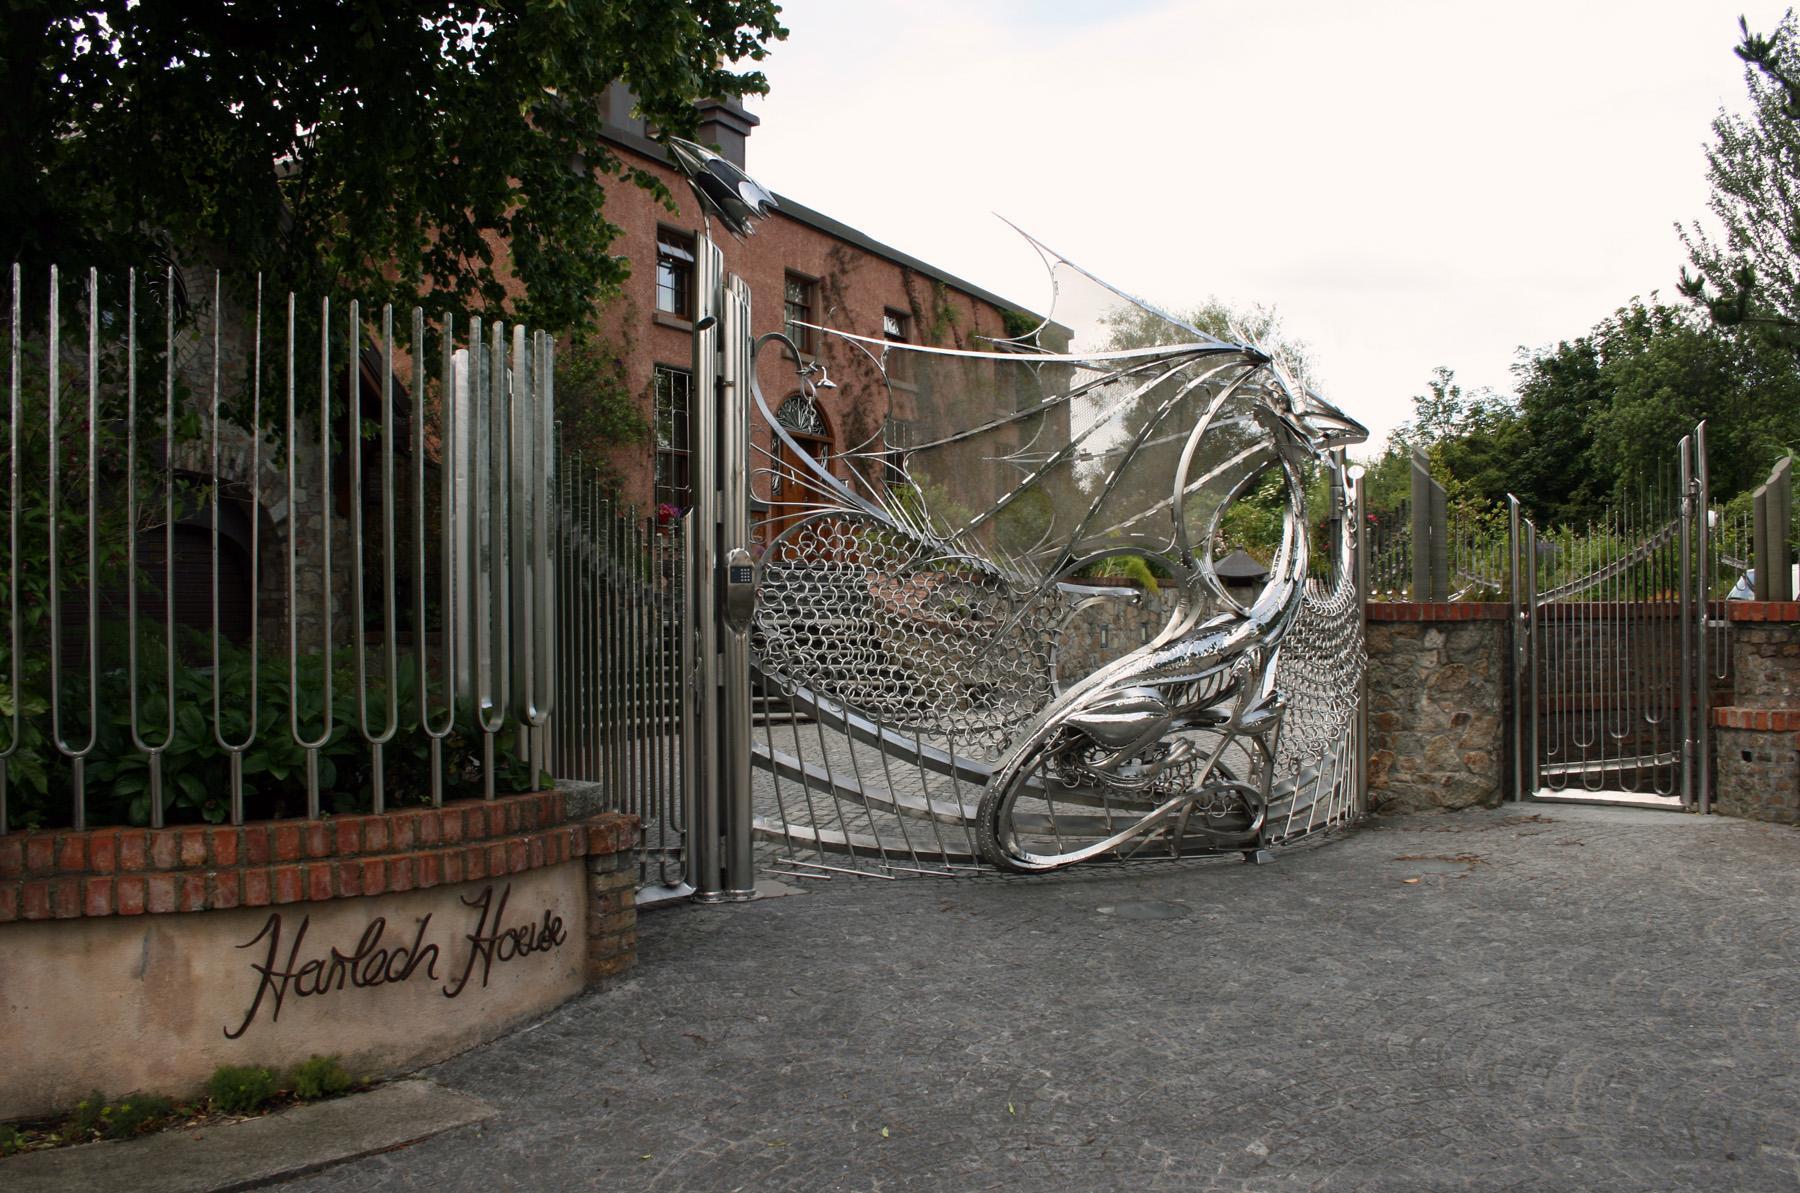 Harlech House Harlech Downs Goatstown Dublin 14 Built